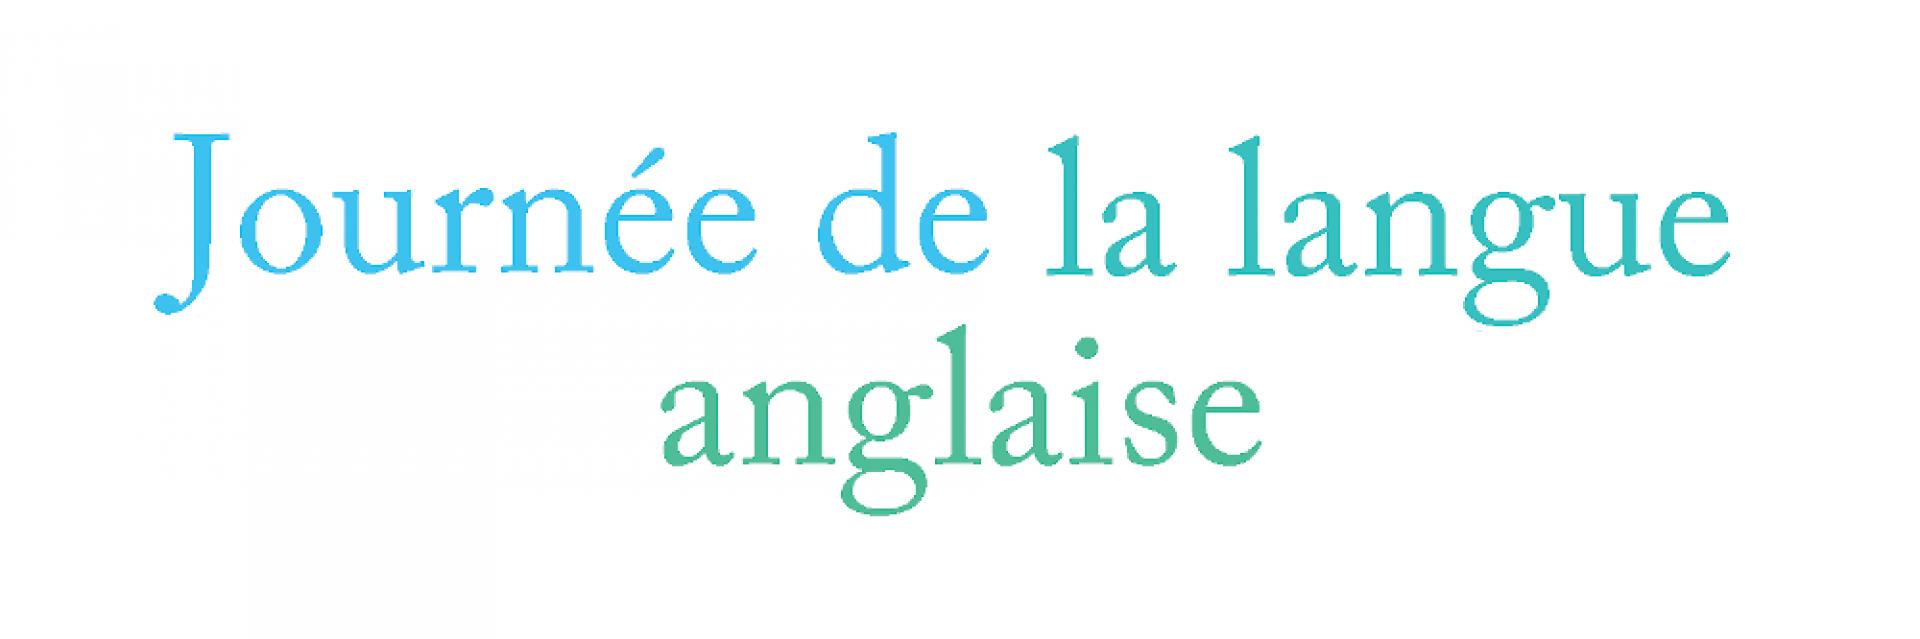 La Journée de la langue anglaise